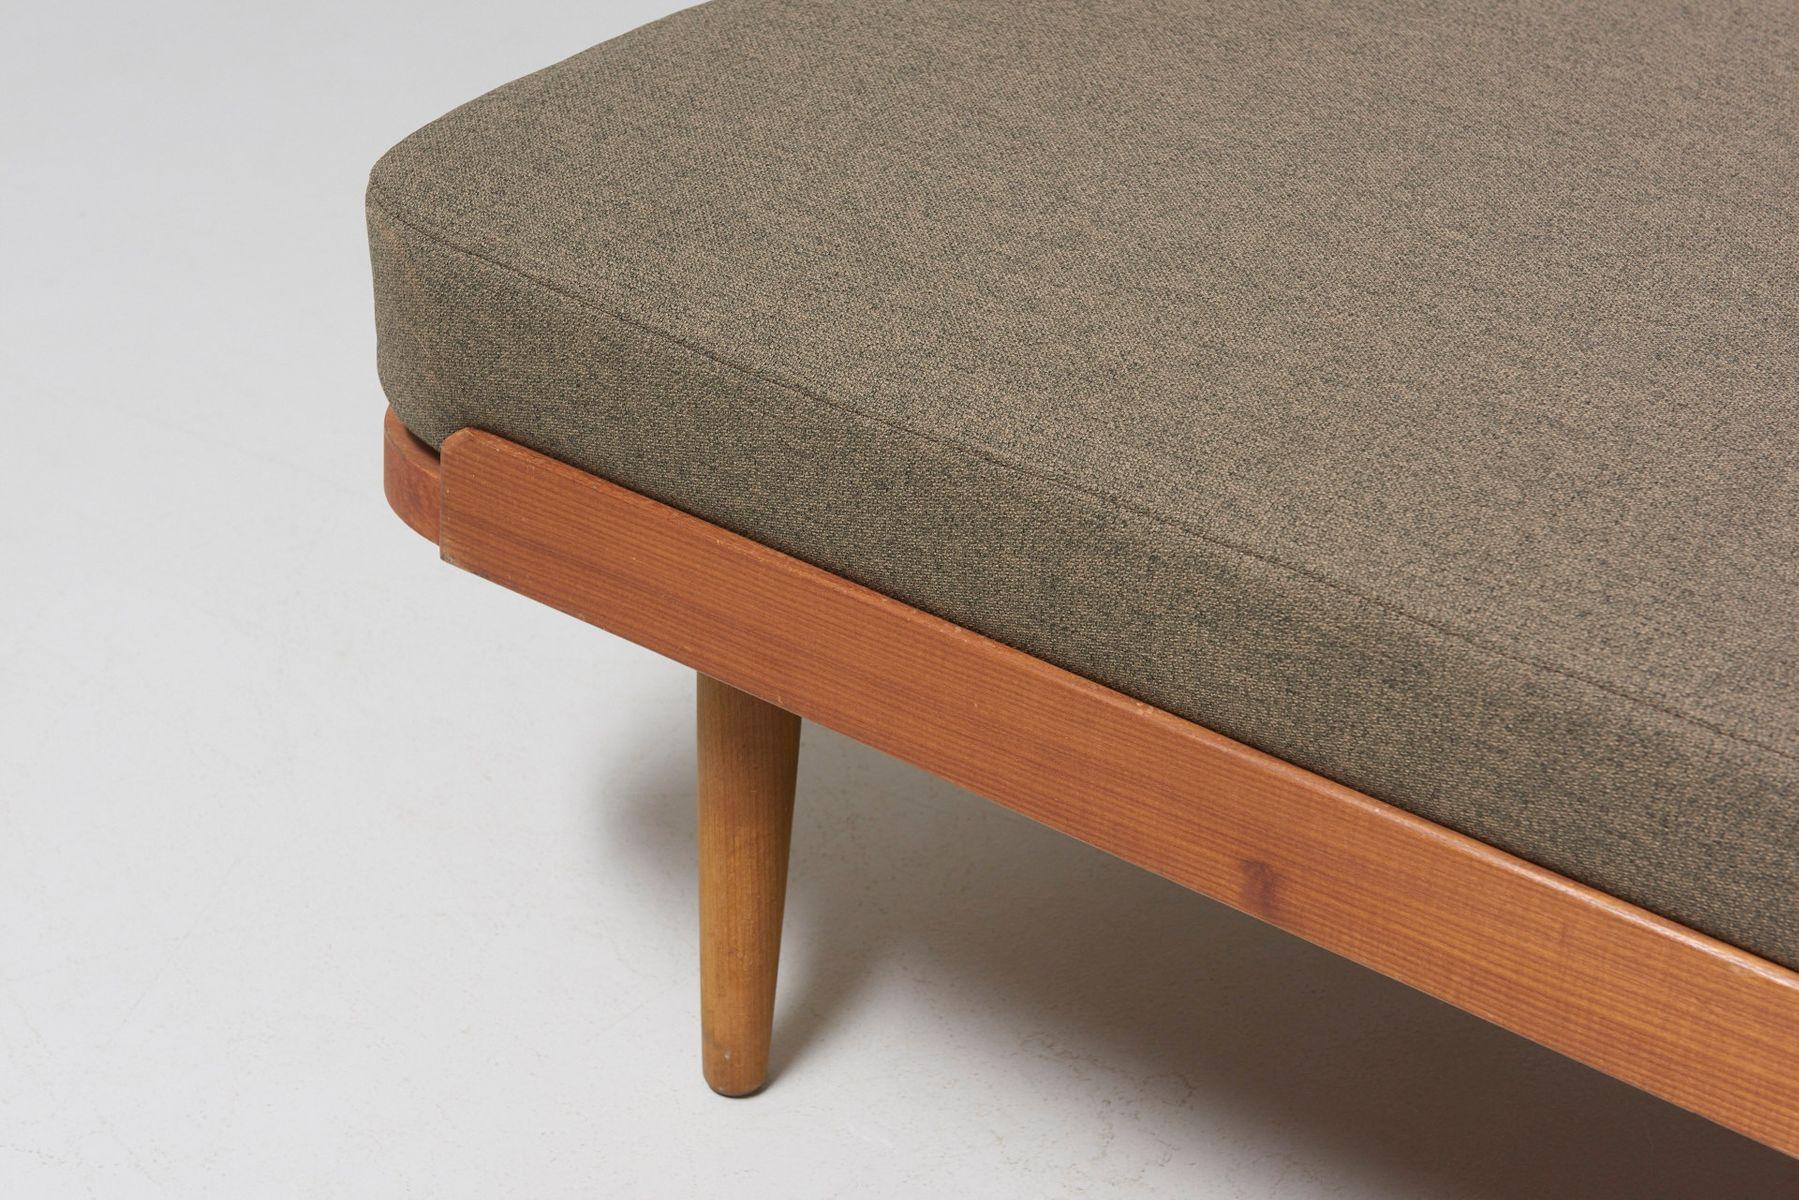 kiefernholz tagesbett mit offenlegungen 1960er bei pamono. Black Bedroom Furniture Sets. Home Design Ideas